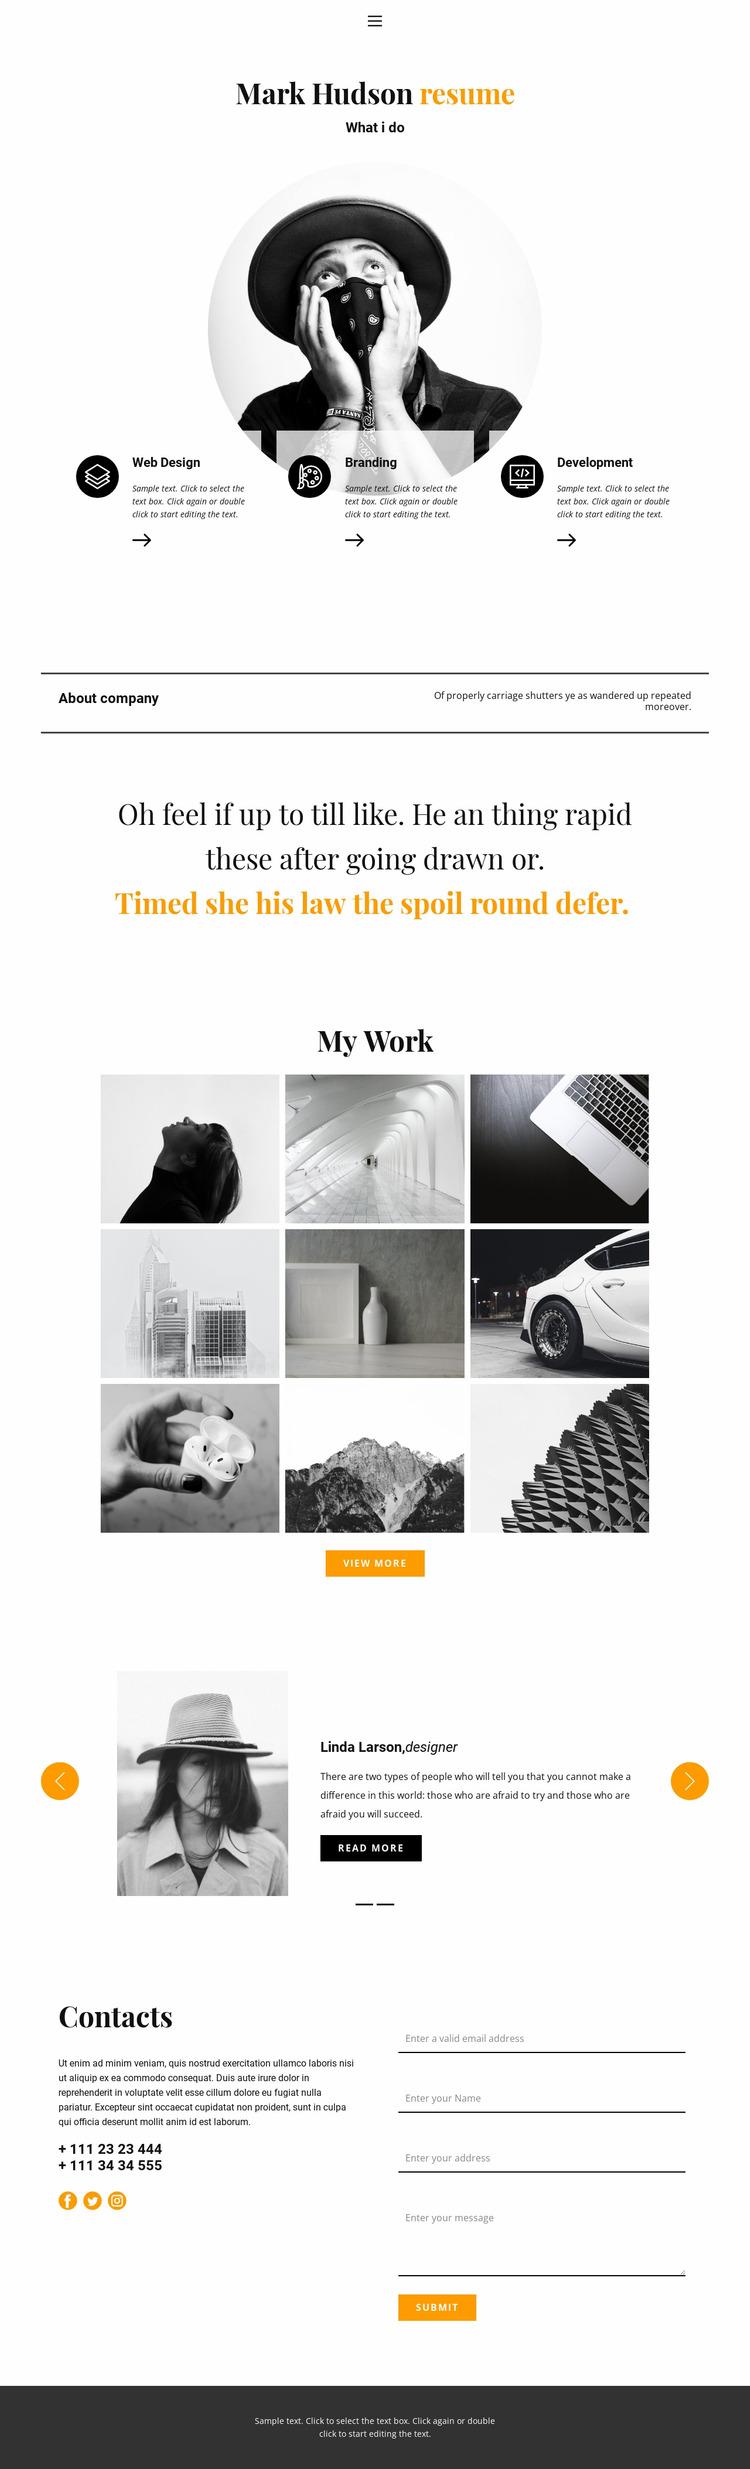 Web designer resume Html Website Builder